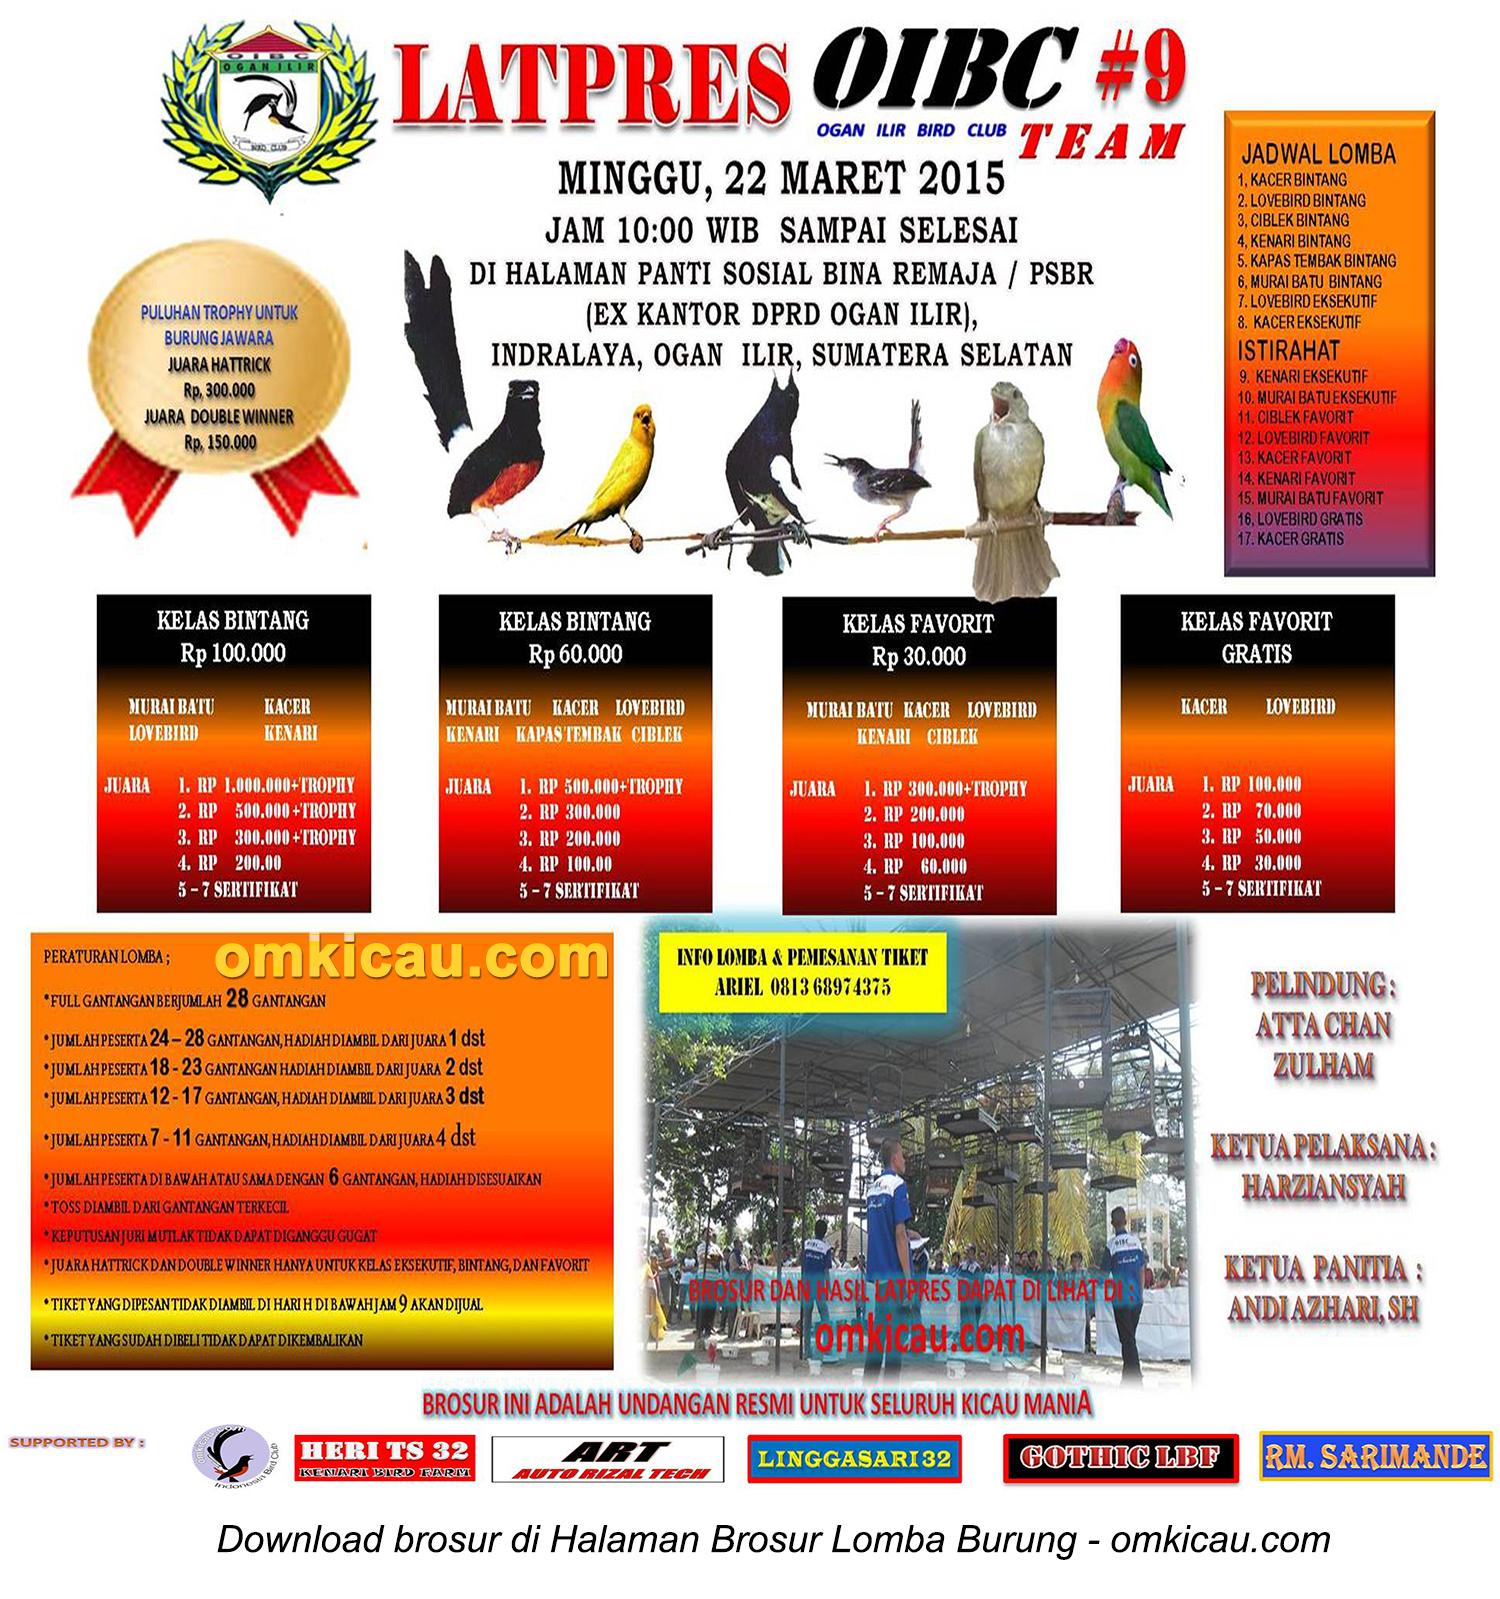 Brosur Latpres Burung Berkicau OIBC #9, Ogan Ilir, 22 Maret 2015